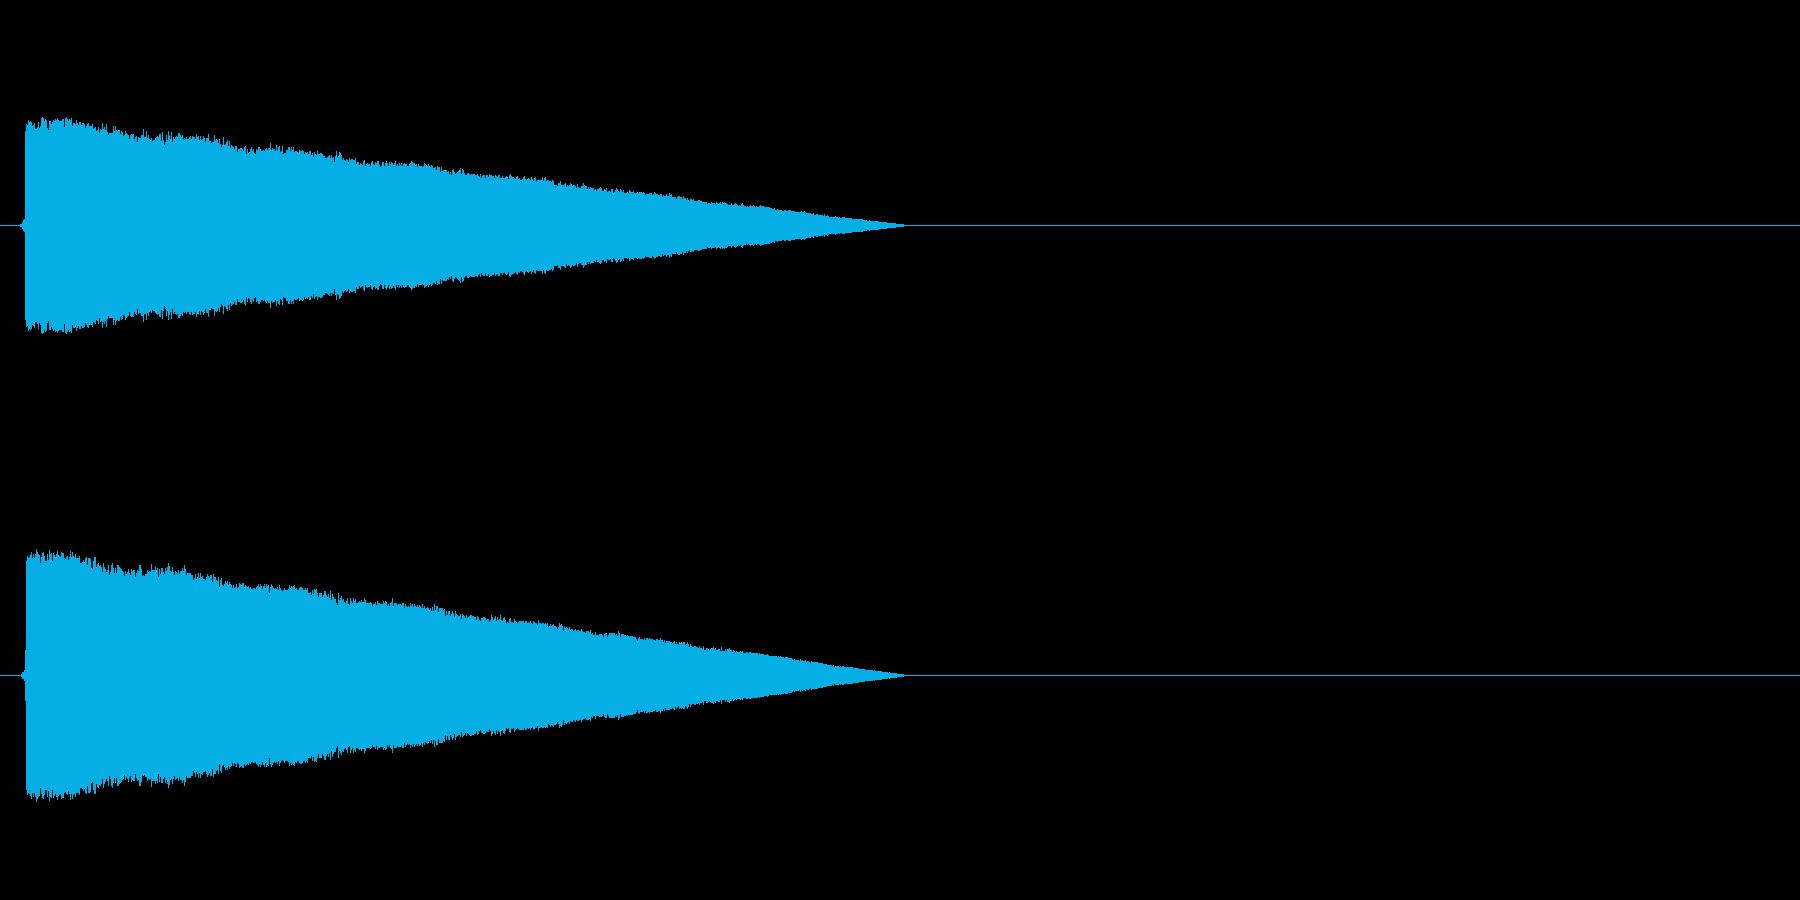 ポワワワワワ(転送装置、レトロゲーム)の再生済みの波形